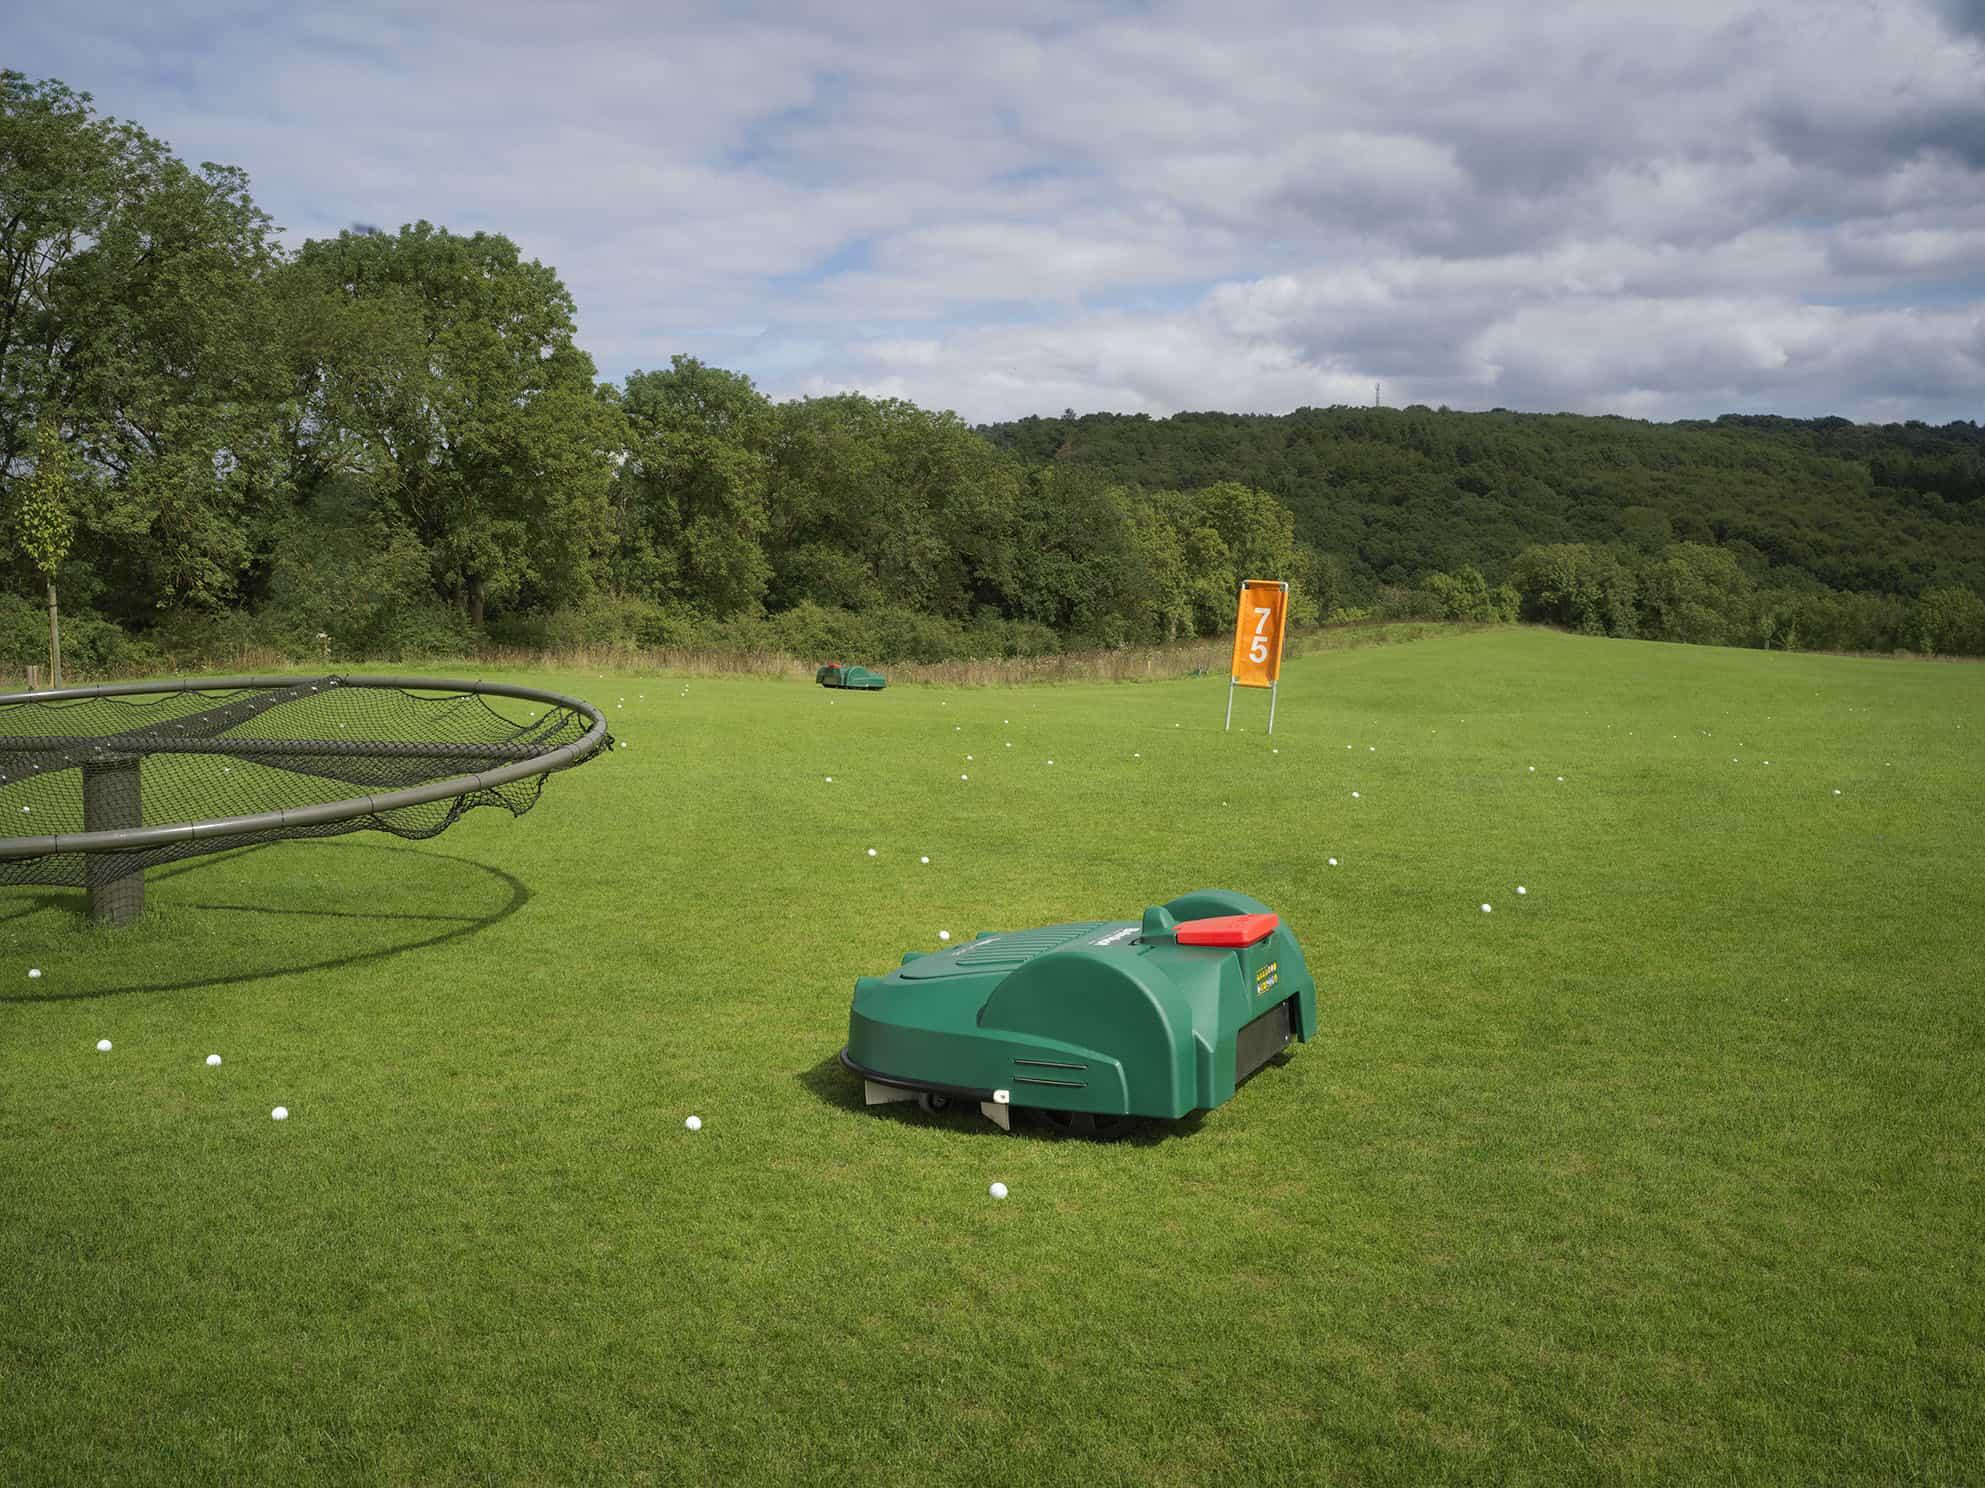 robots vs range ball picker haulers, Robots vs Range Ball Picker Haulers